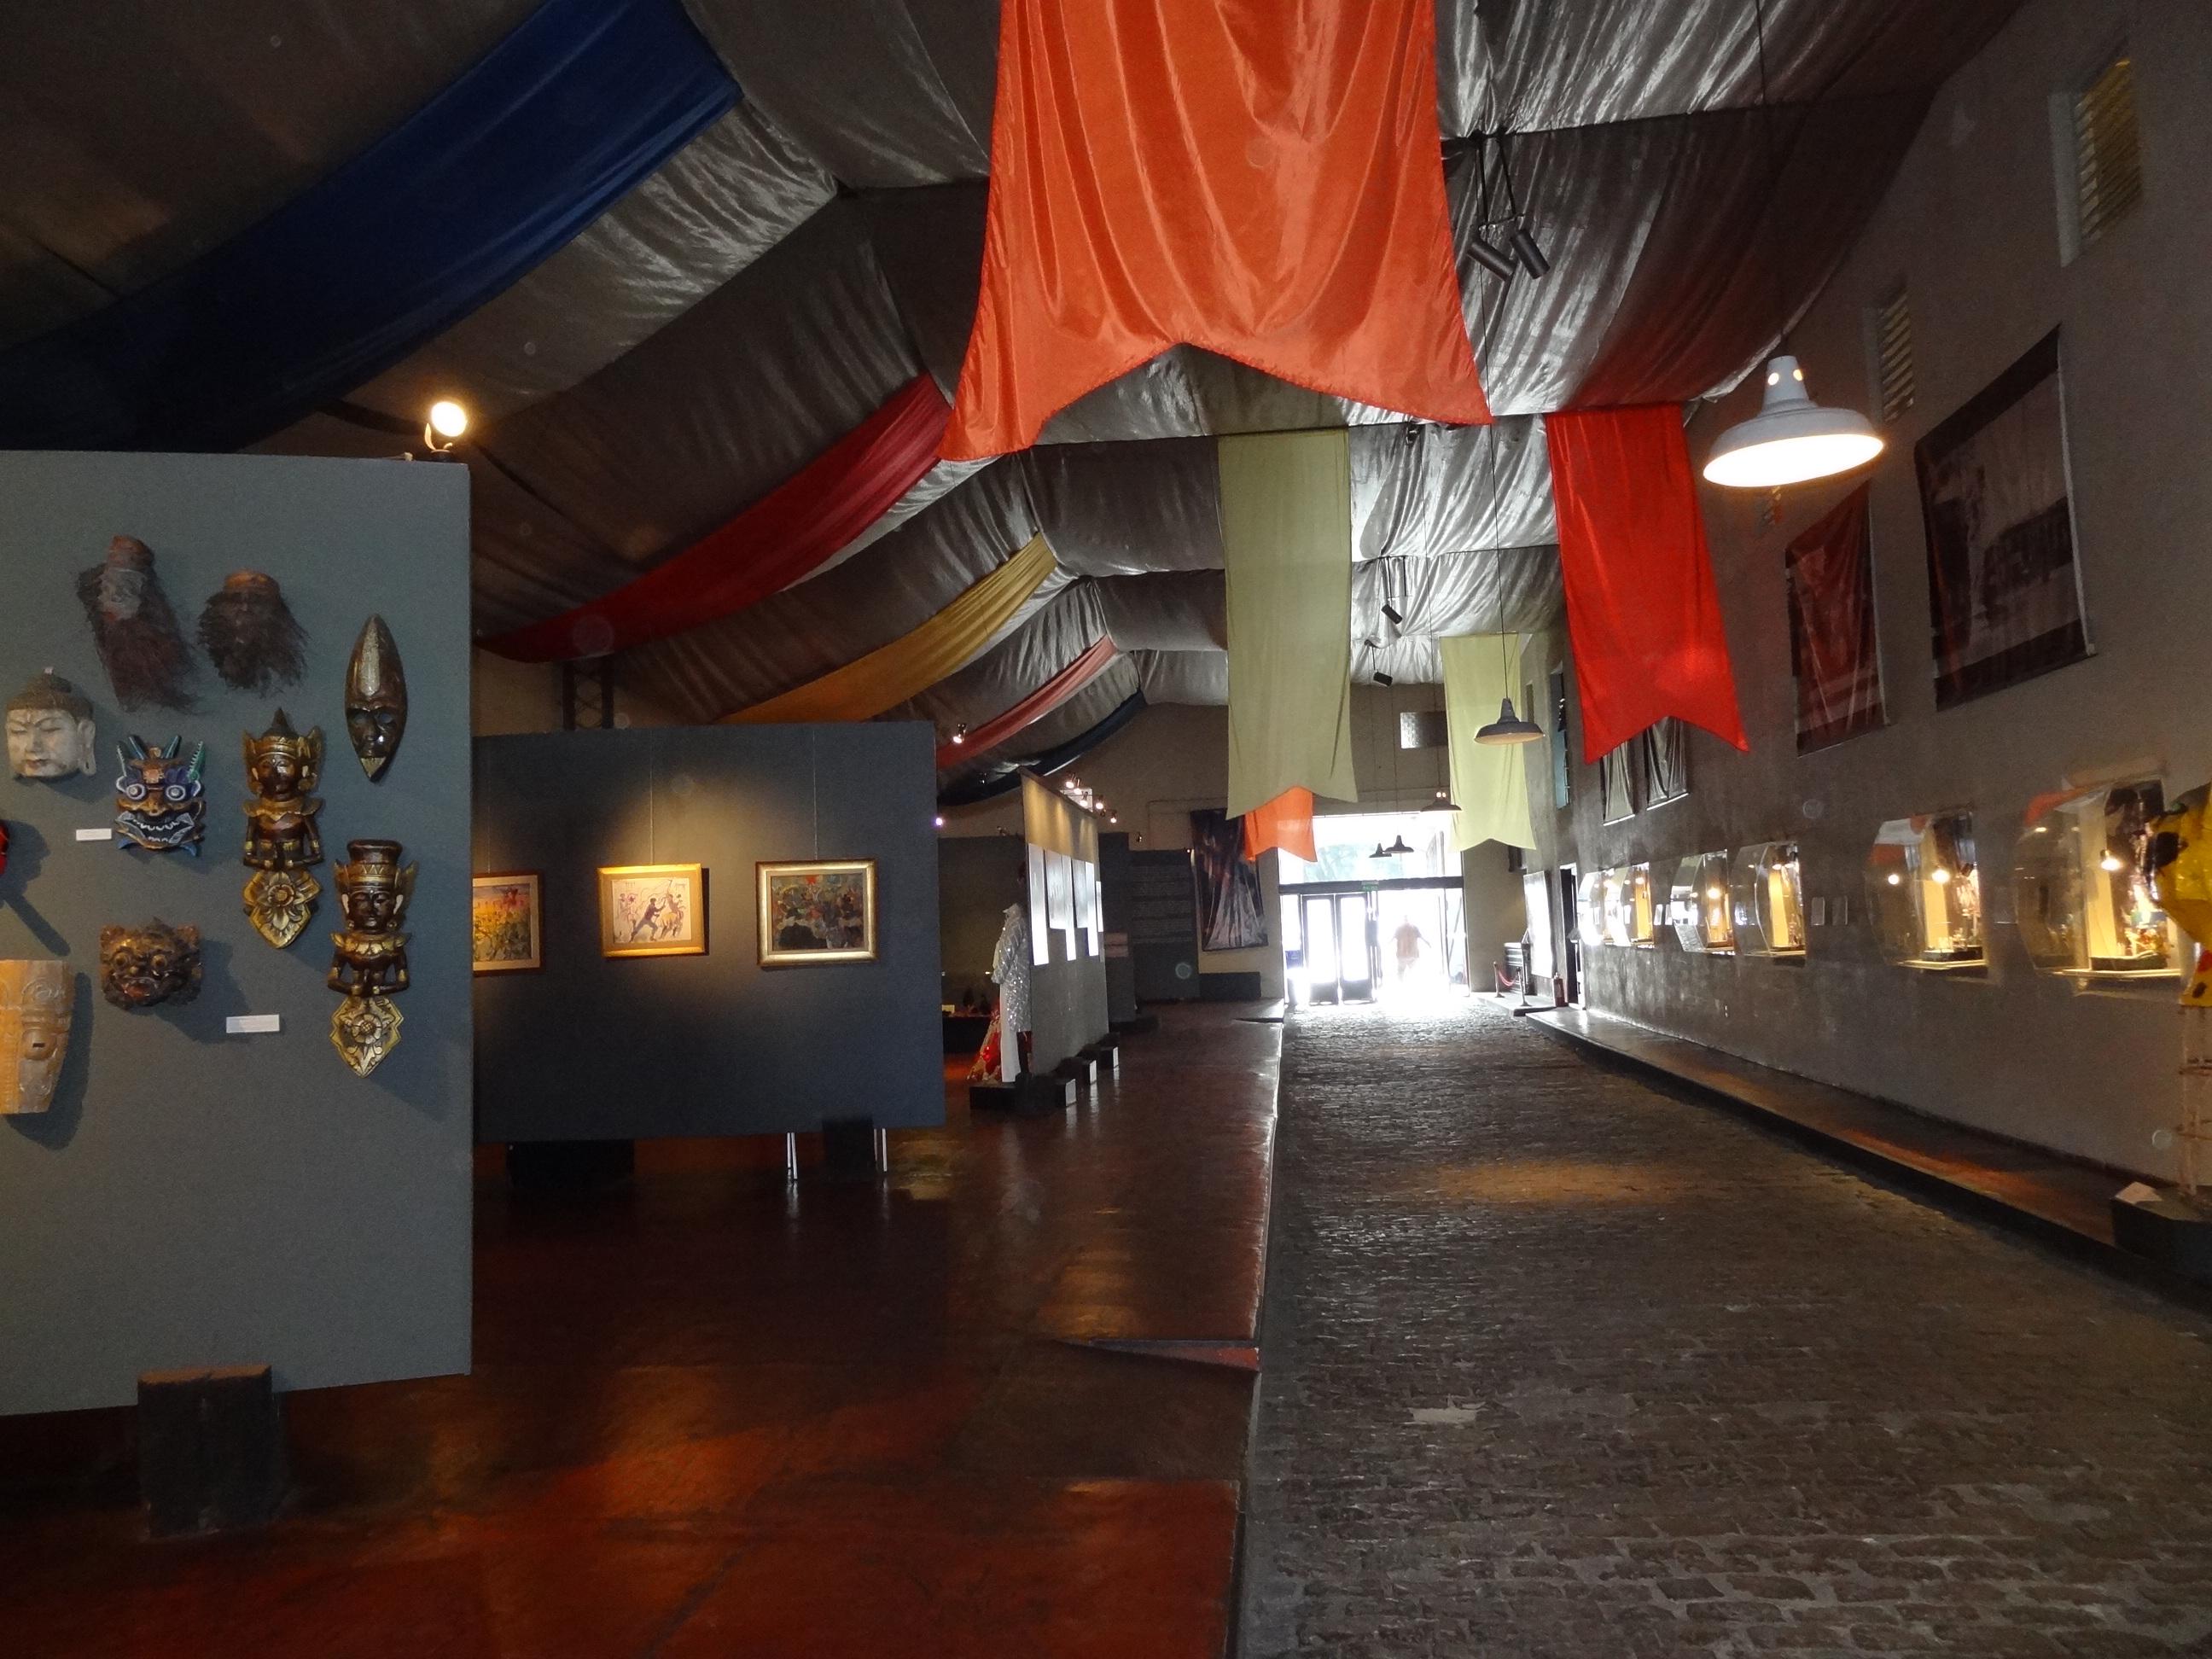 Museu-do-Canaval-Uruguai-Montevideu-Turismo Montevidéu - Conheça a Capital do Uruguai